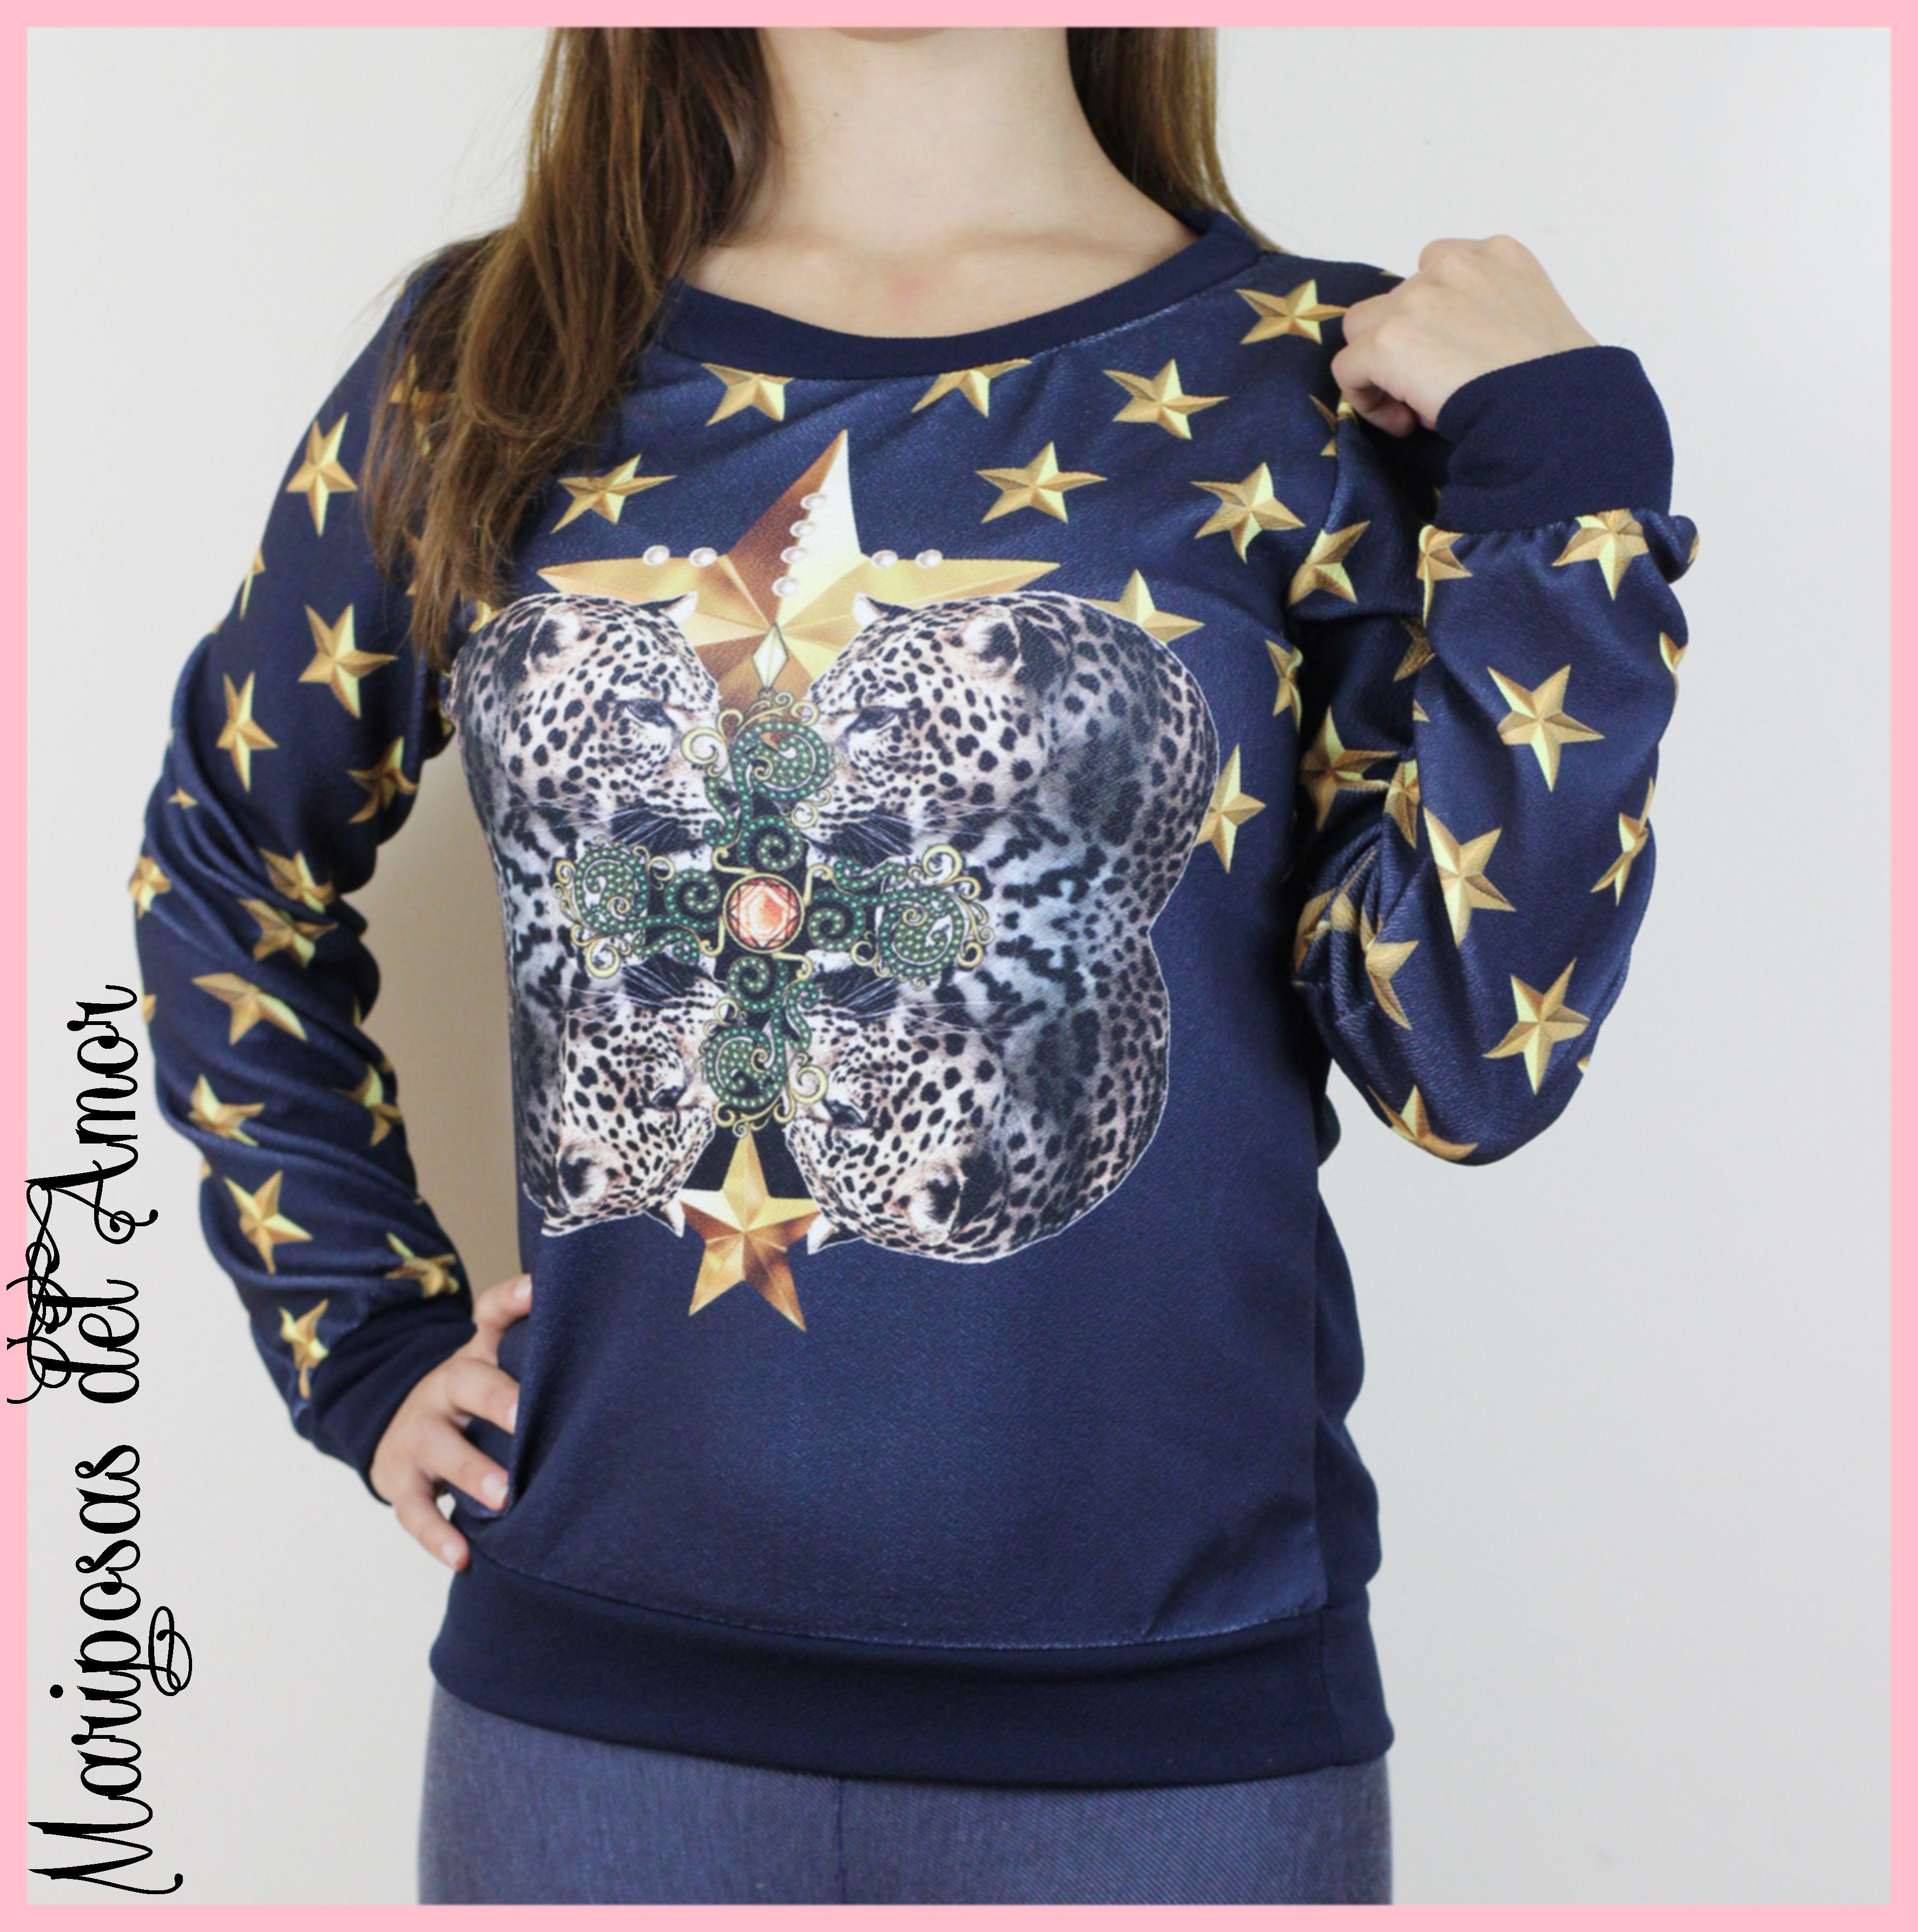 Mariposas del Amor | Sudadera azul marino con estrellas doradas y dos leopardos, la tela es algo más fina que las sudadera normales de invierno, la puedes combinar con cualquier look y usarla durante varias estaciones del año